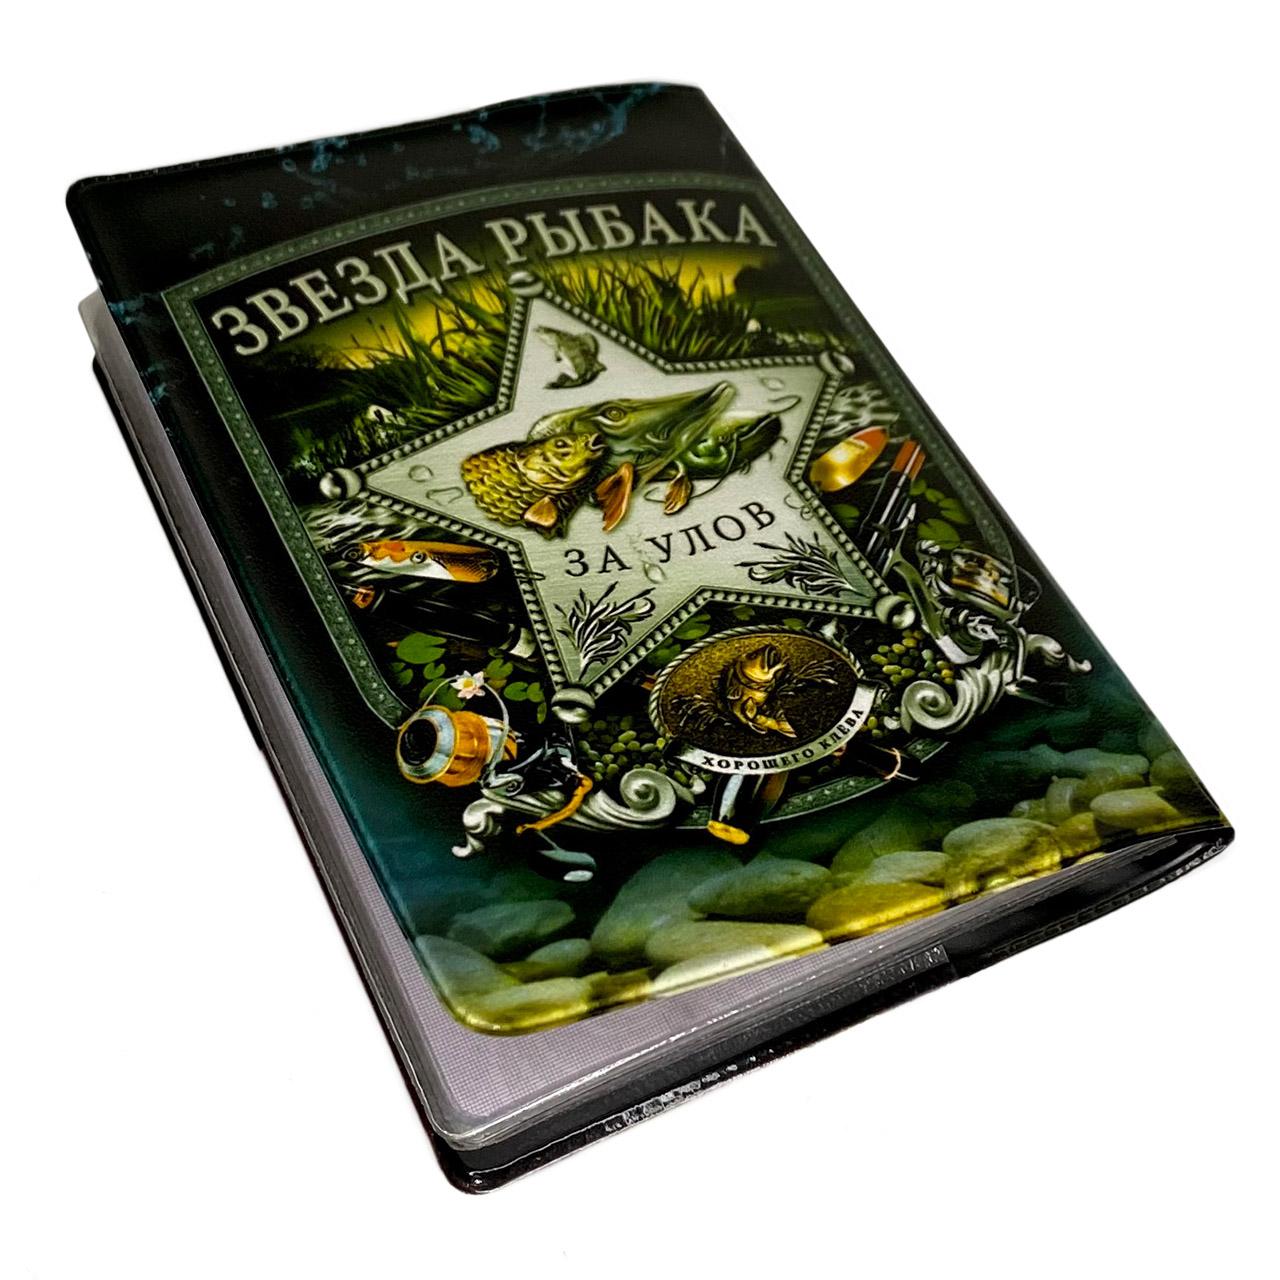 Обложка на паспорт Звезда рыбака - купить прикольные обложки на паспорт